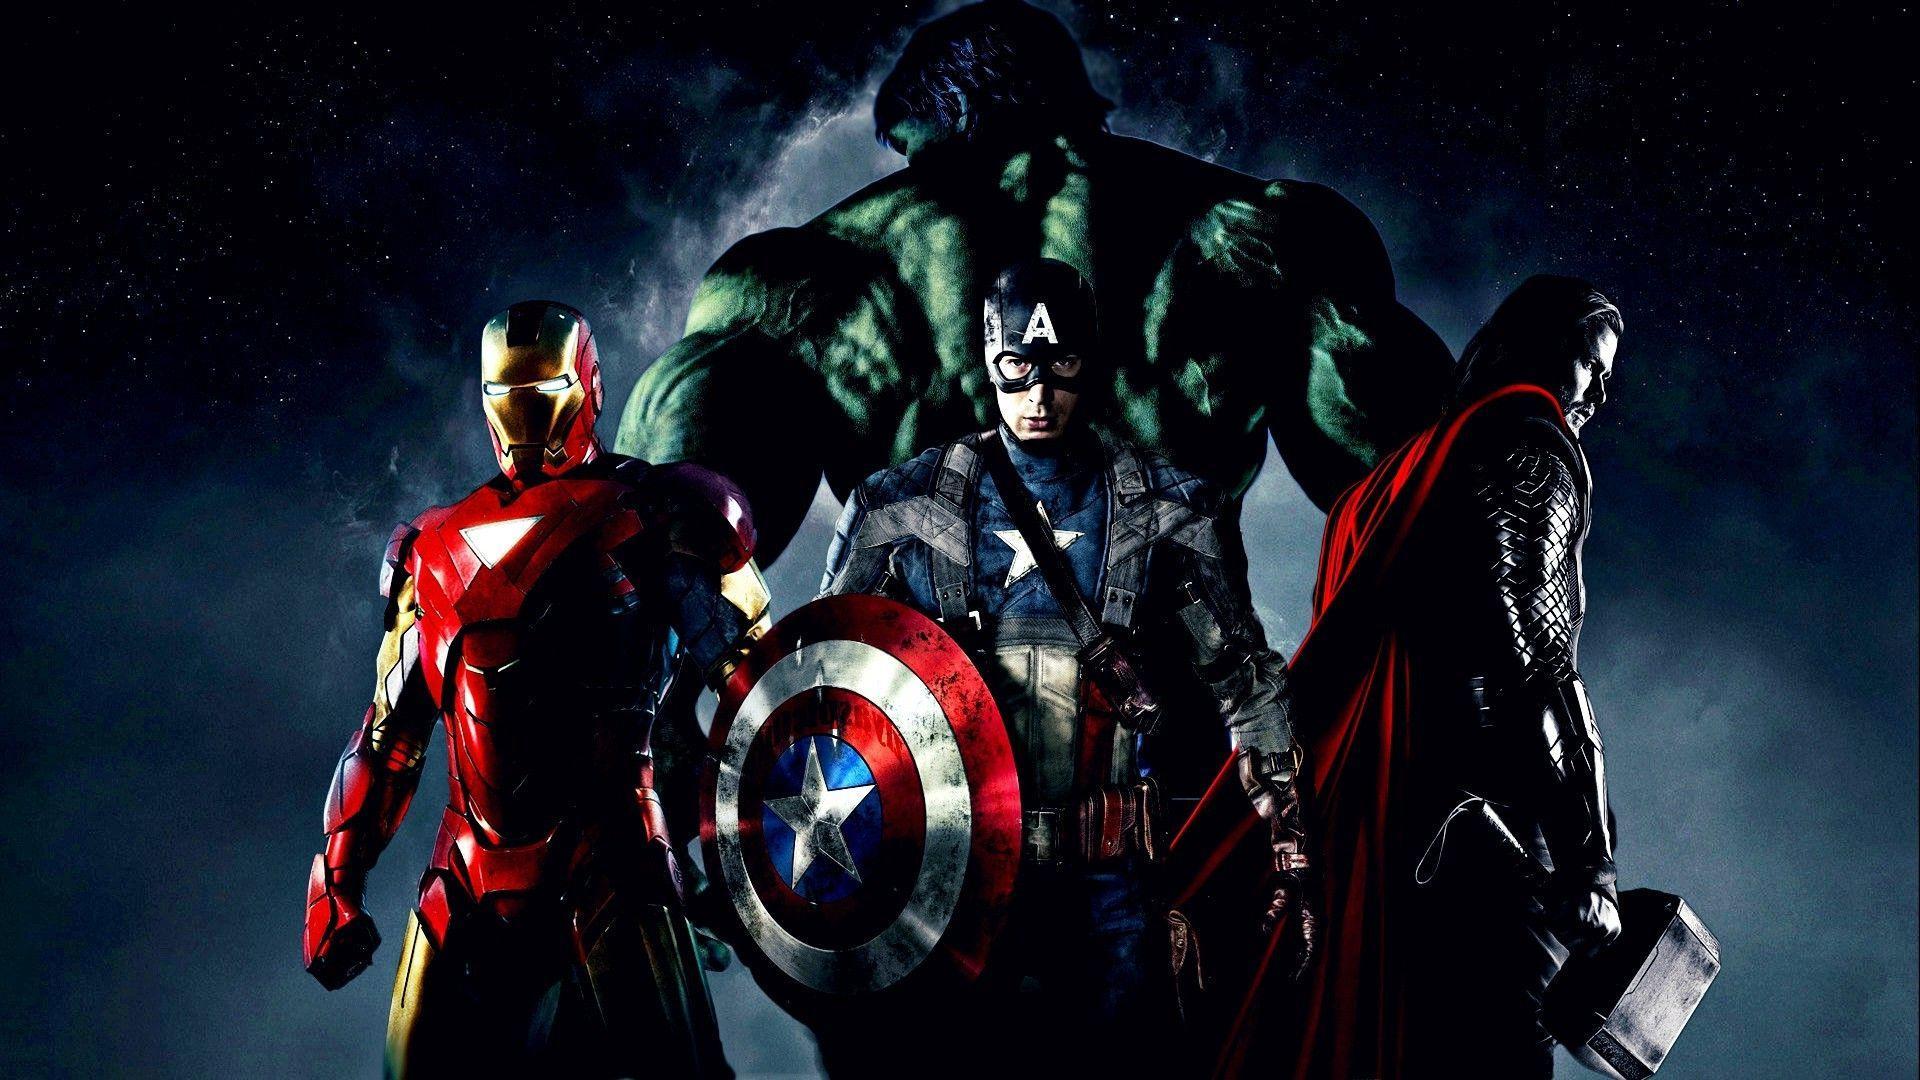 Ironman Vs Captain America Wallpaper Hd Fun Images